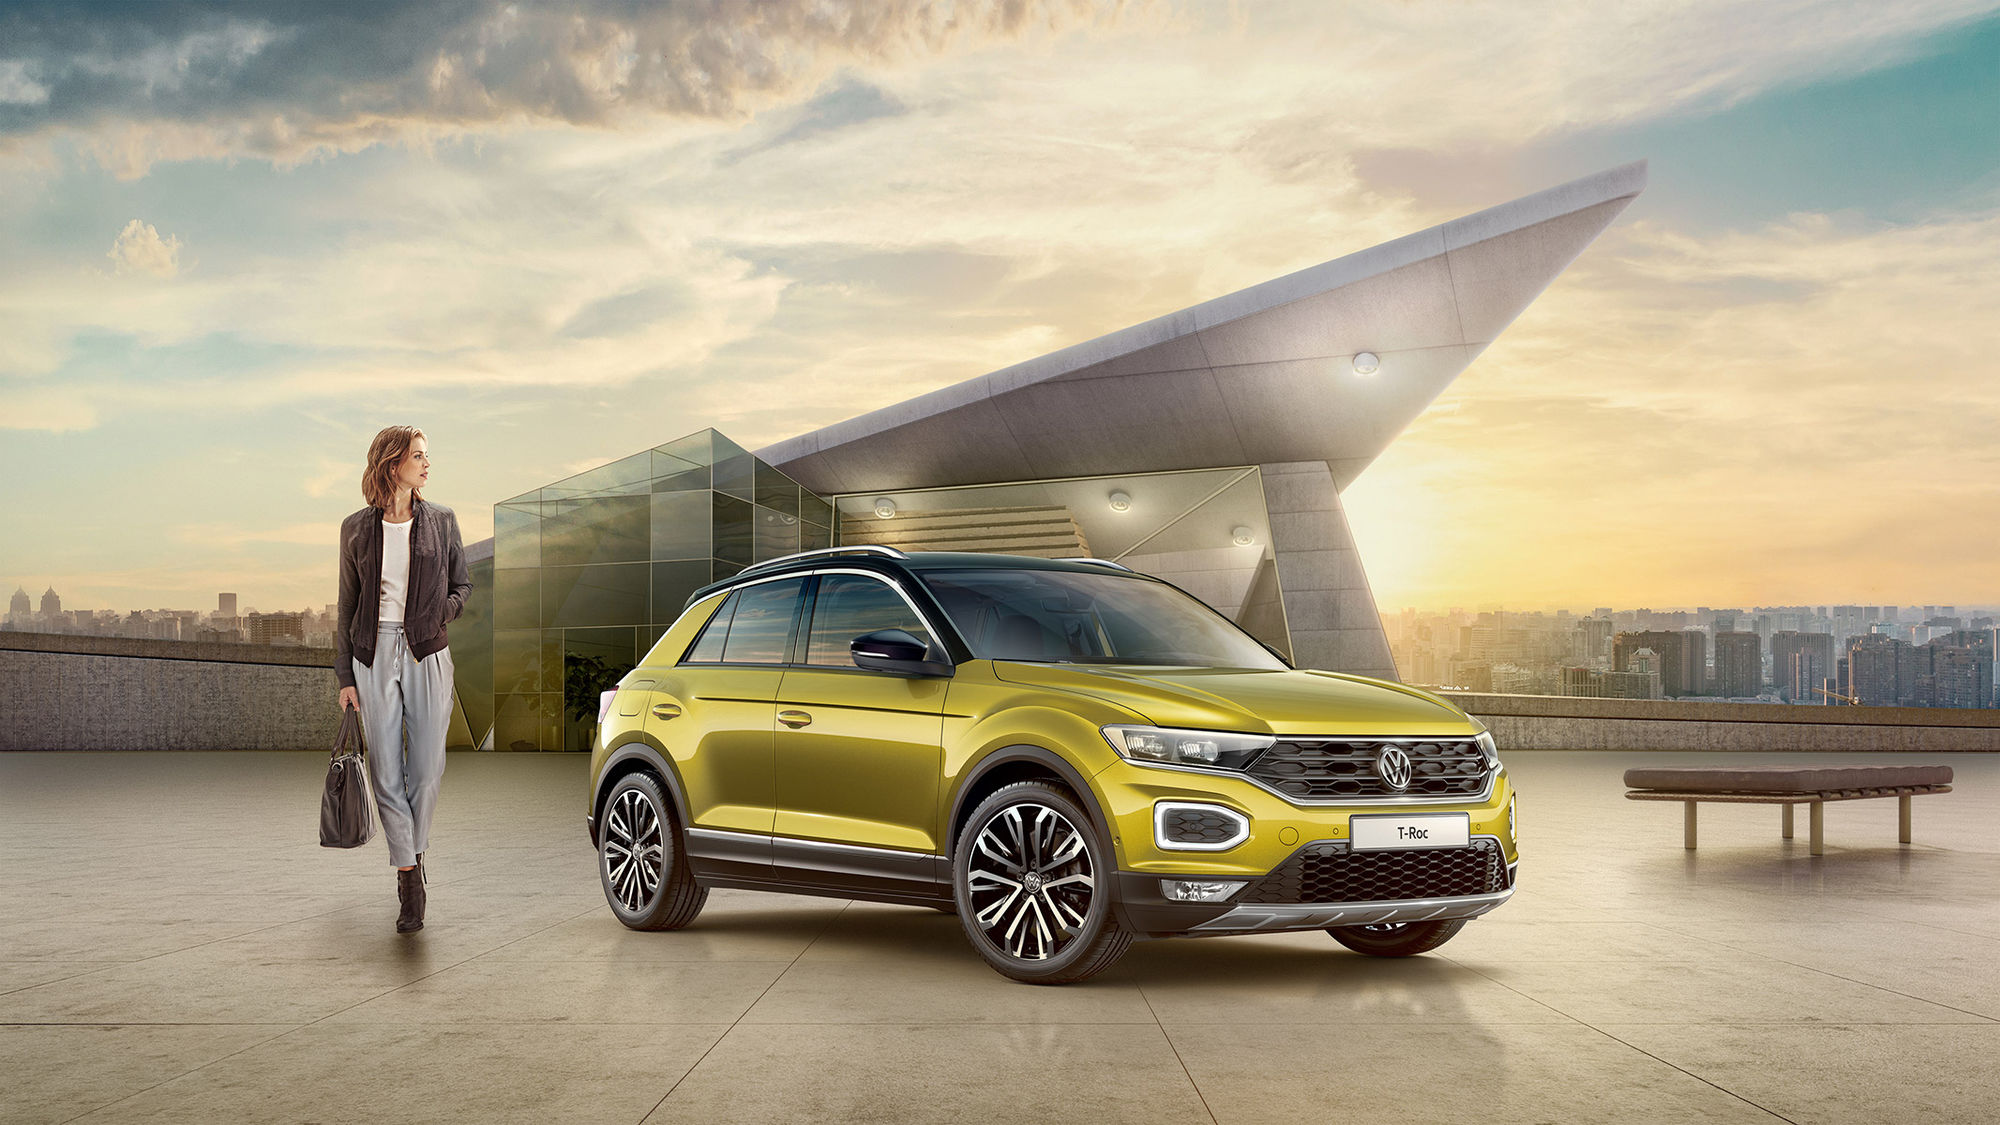 DOUBLE T PHOTOGRAPHERS: Maik Floeder for Volkswagen